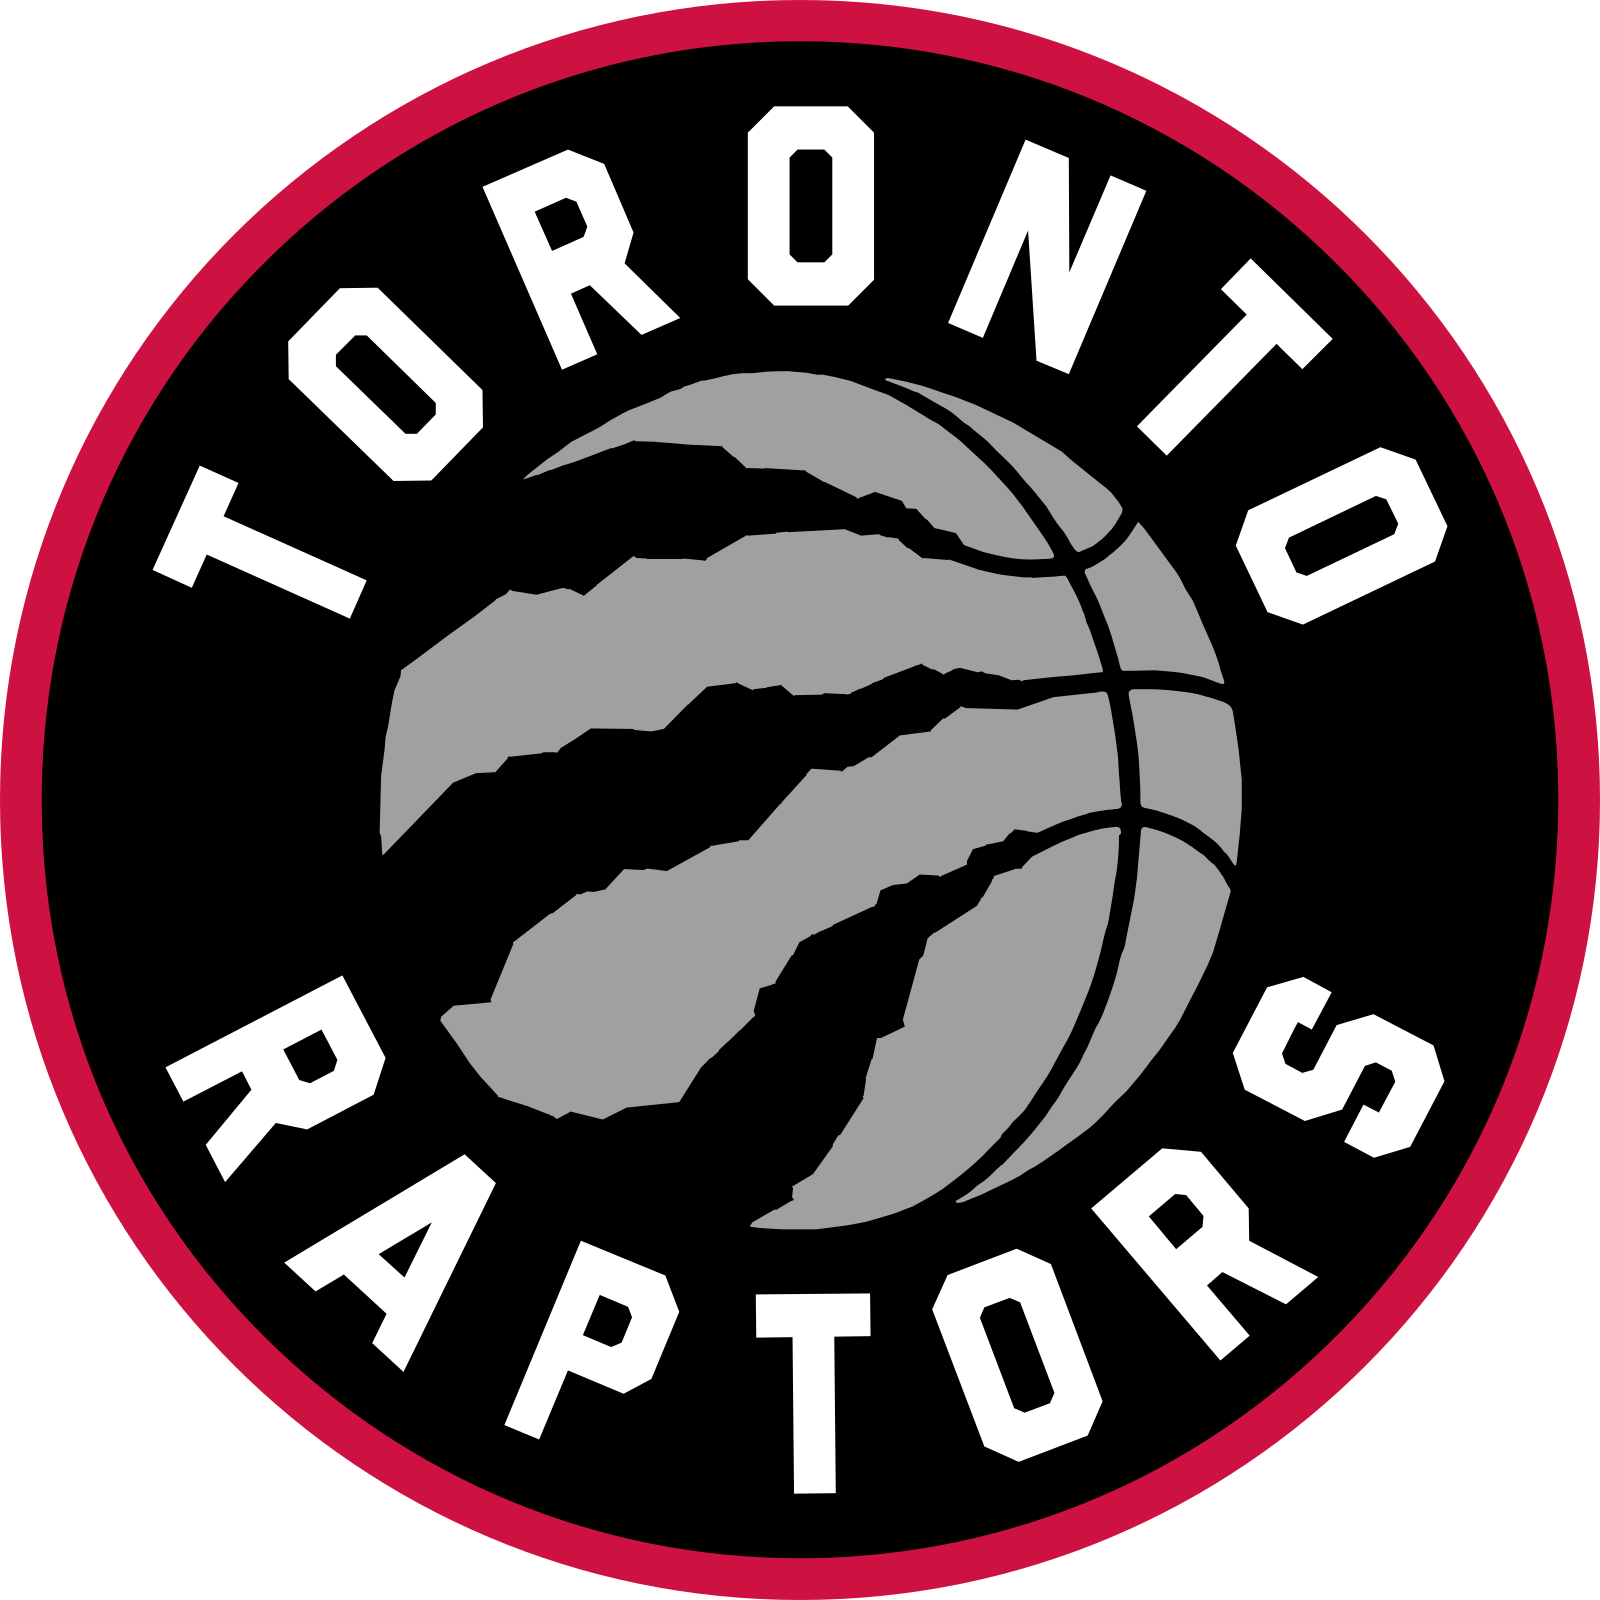 toronto raptors logo 2 - Toronto Raptors Logo